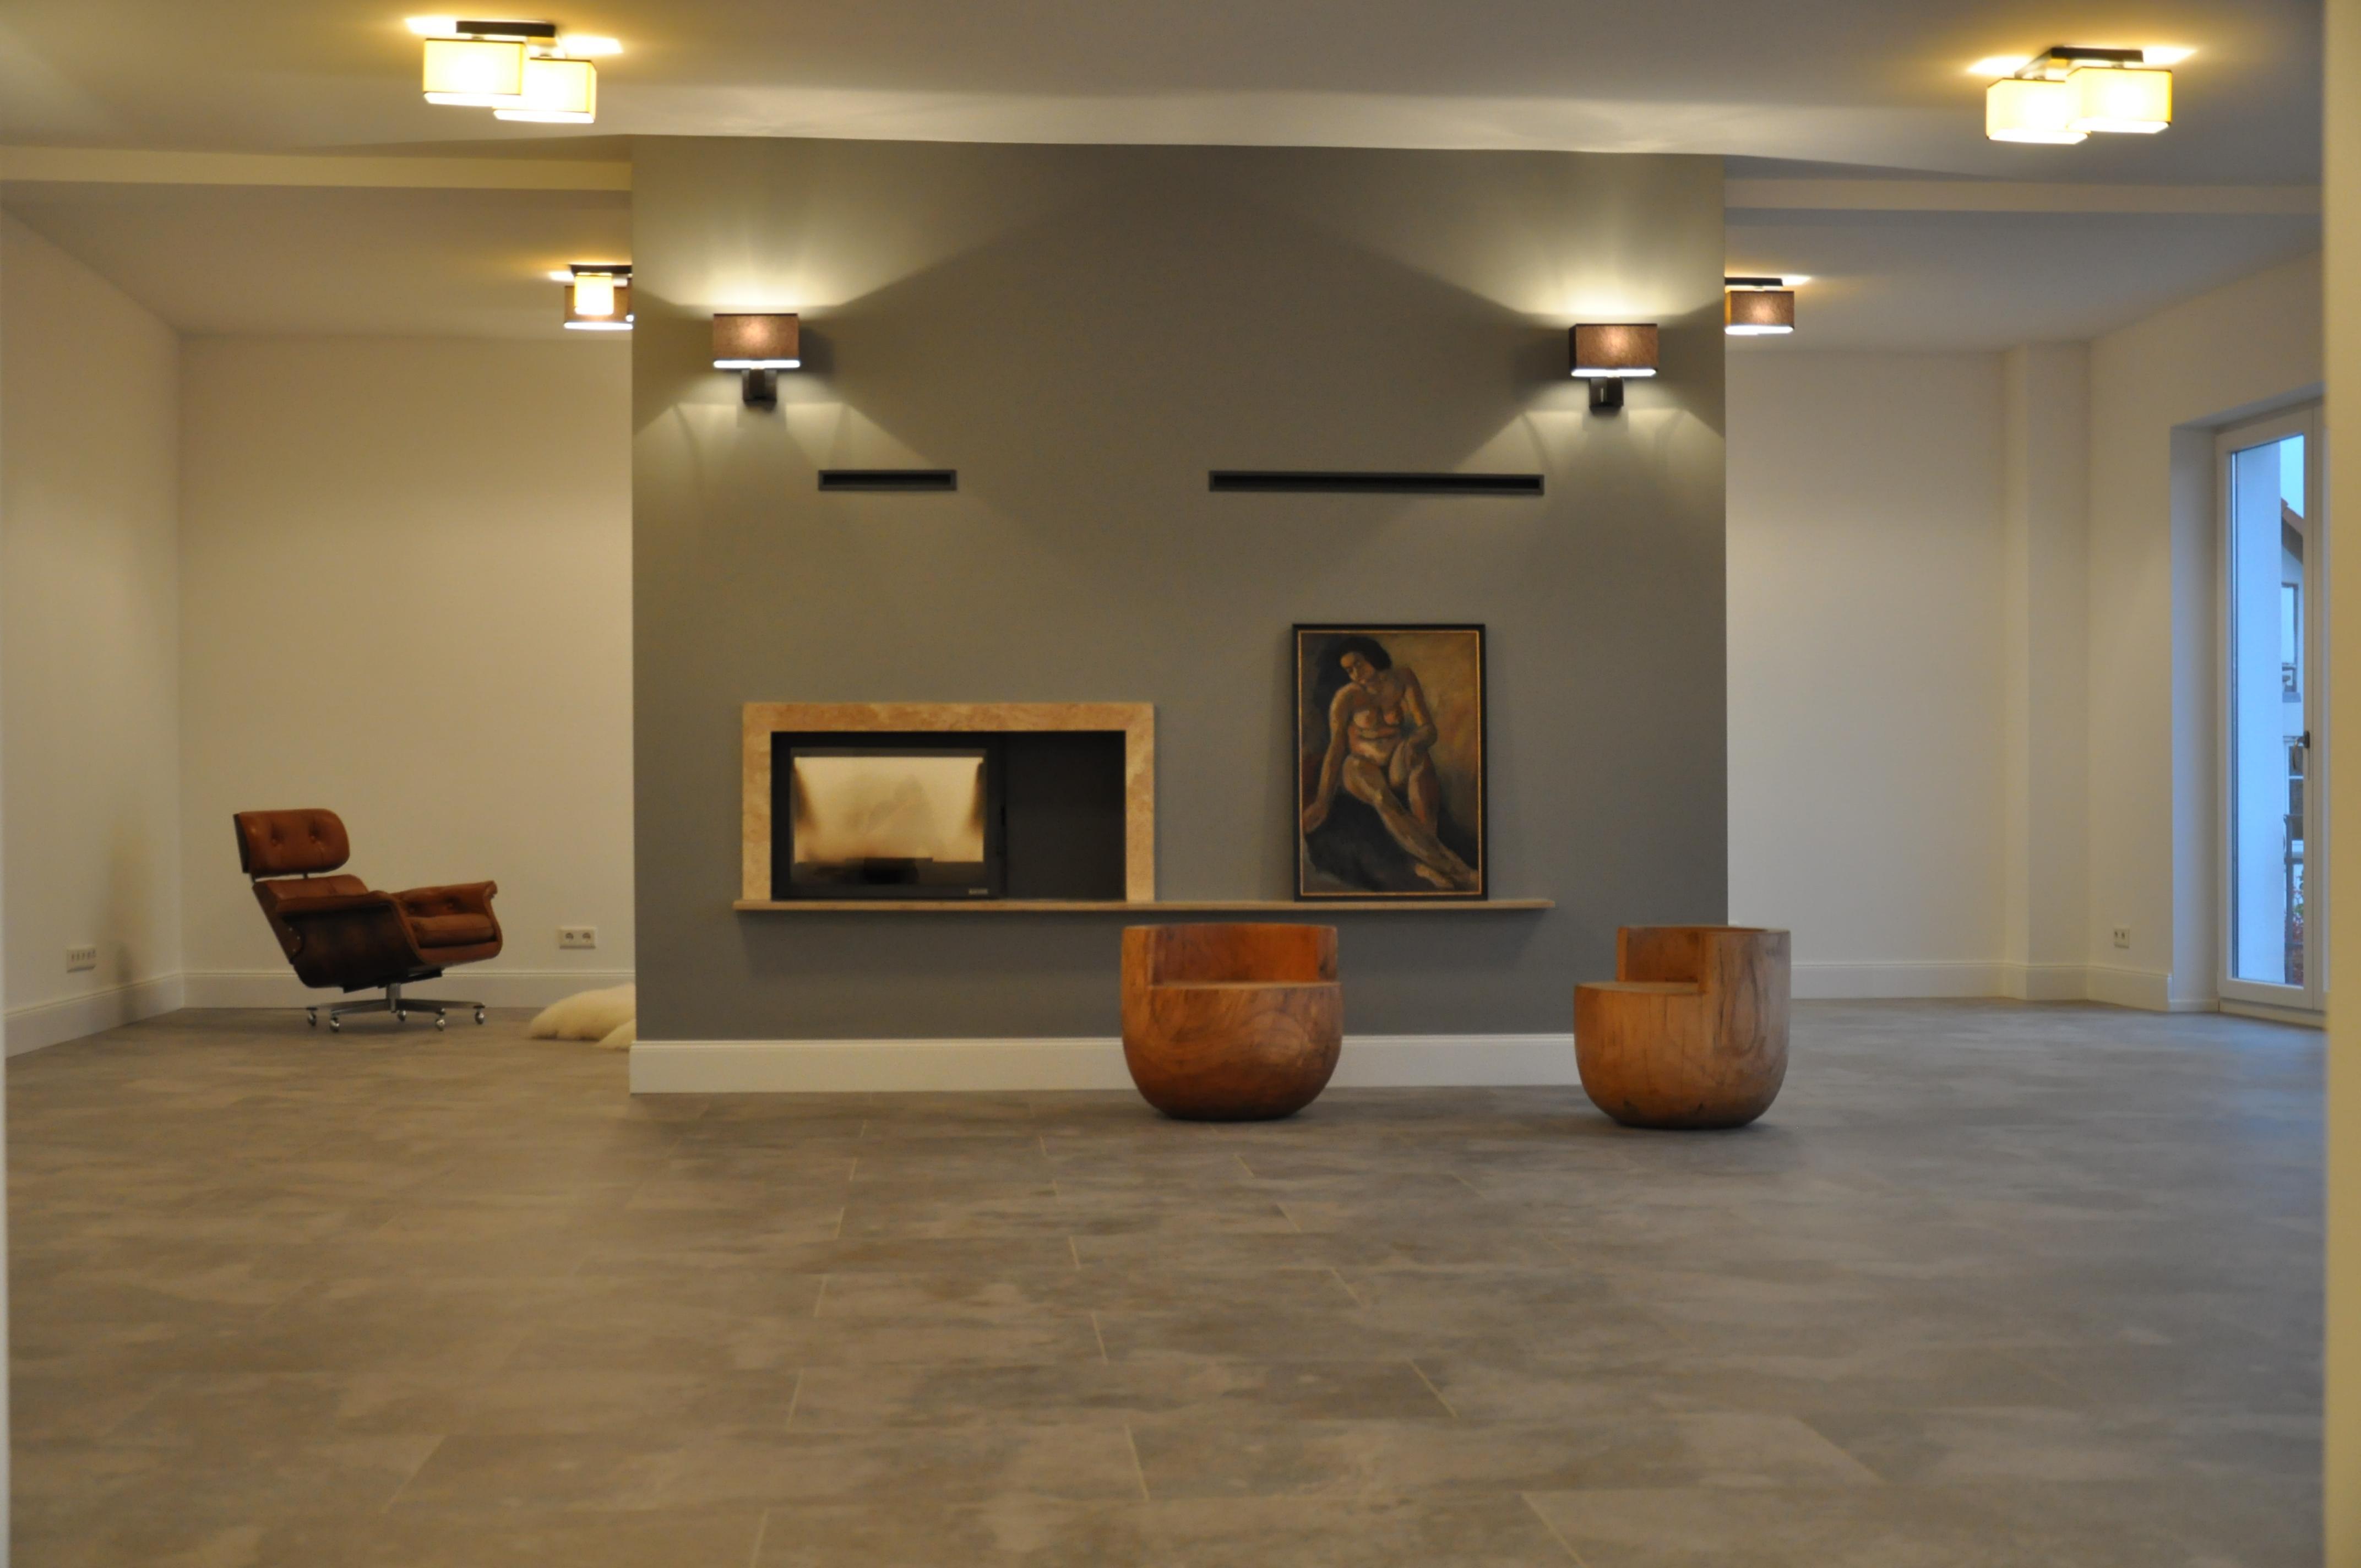 Wohnzimmer Mit Kamin wohnzimmer kamin bilder ideen couchstyle